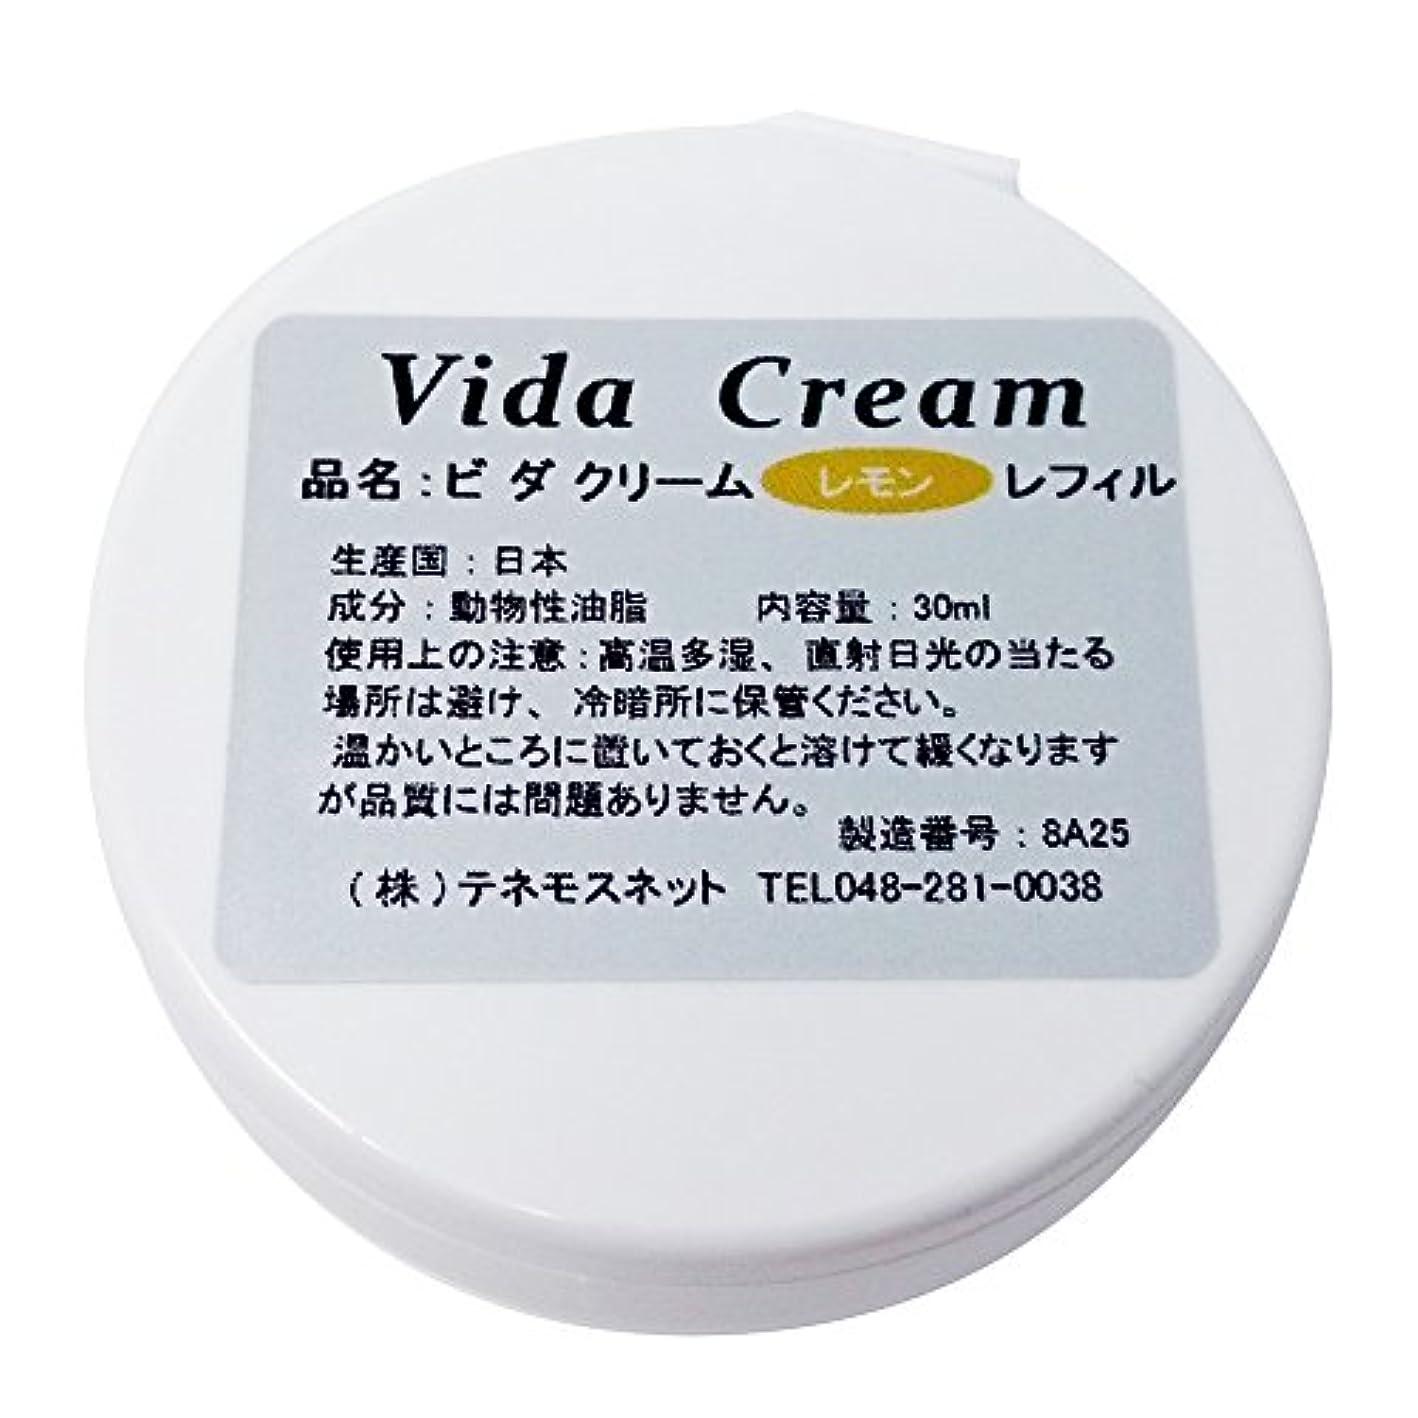 責任彼らのものガソリンテネモス ビダクリーム Vida Cream ほのかレモン レフィル 付替用 30ml